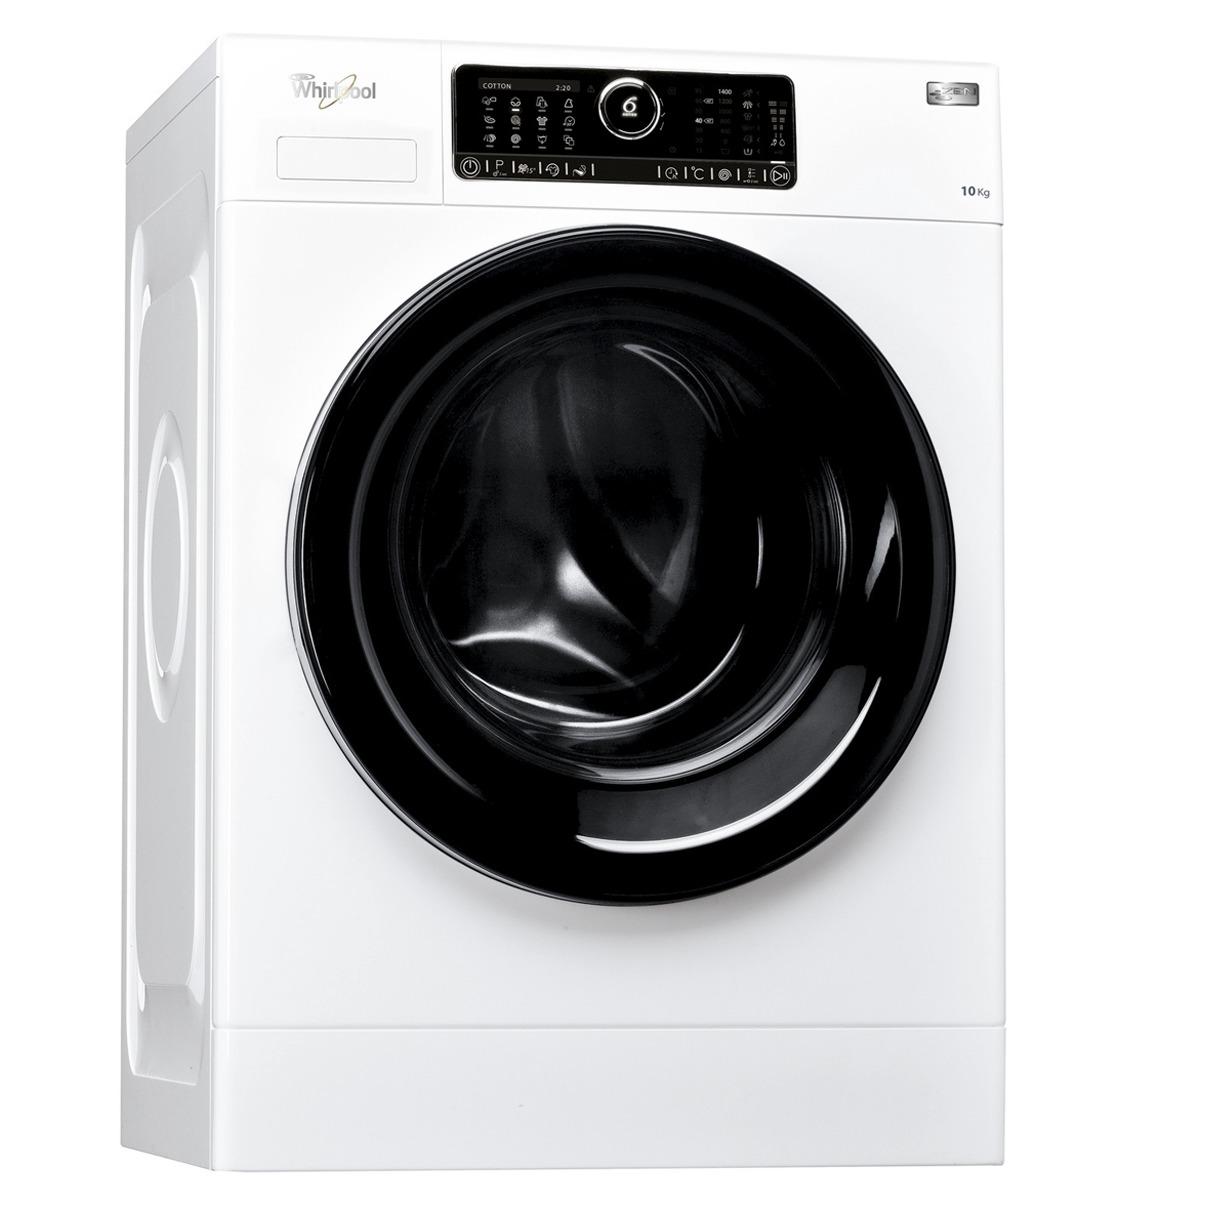 Whirlpool voorlader FSCR10430 - Prijsvergelijk